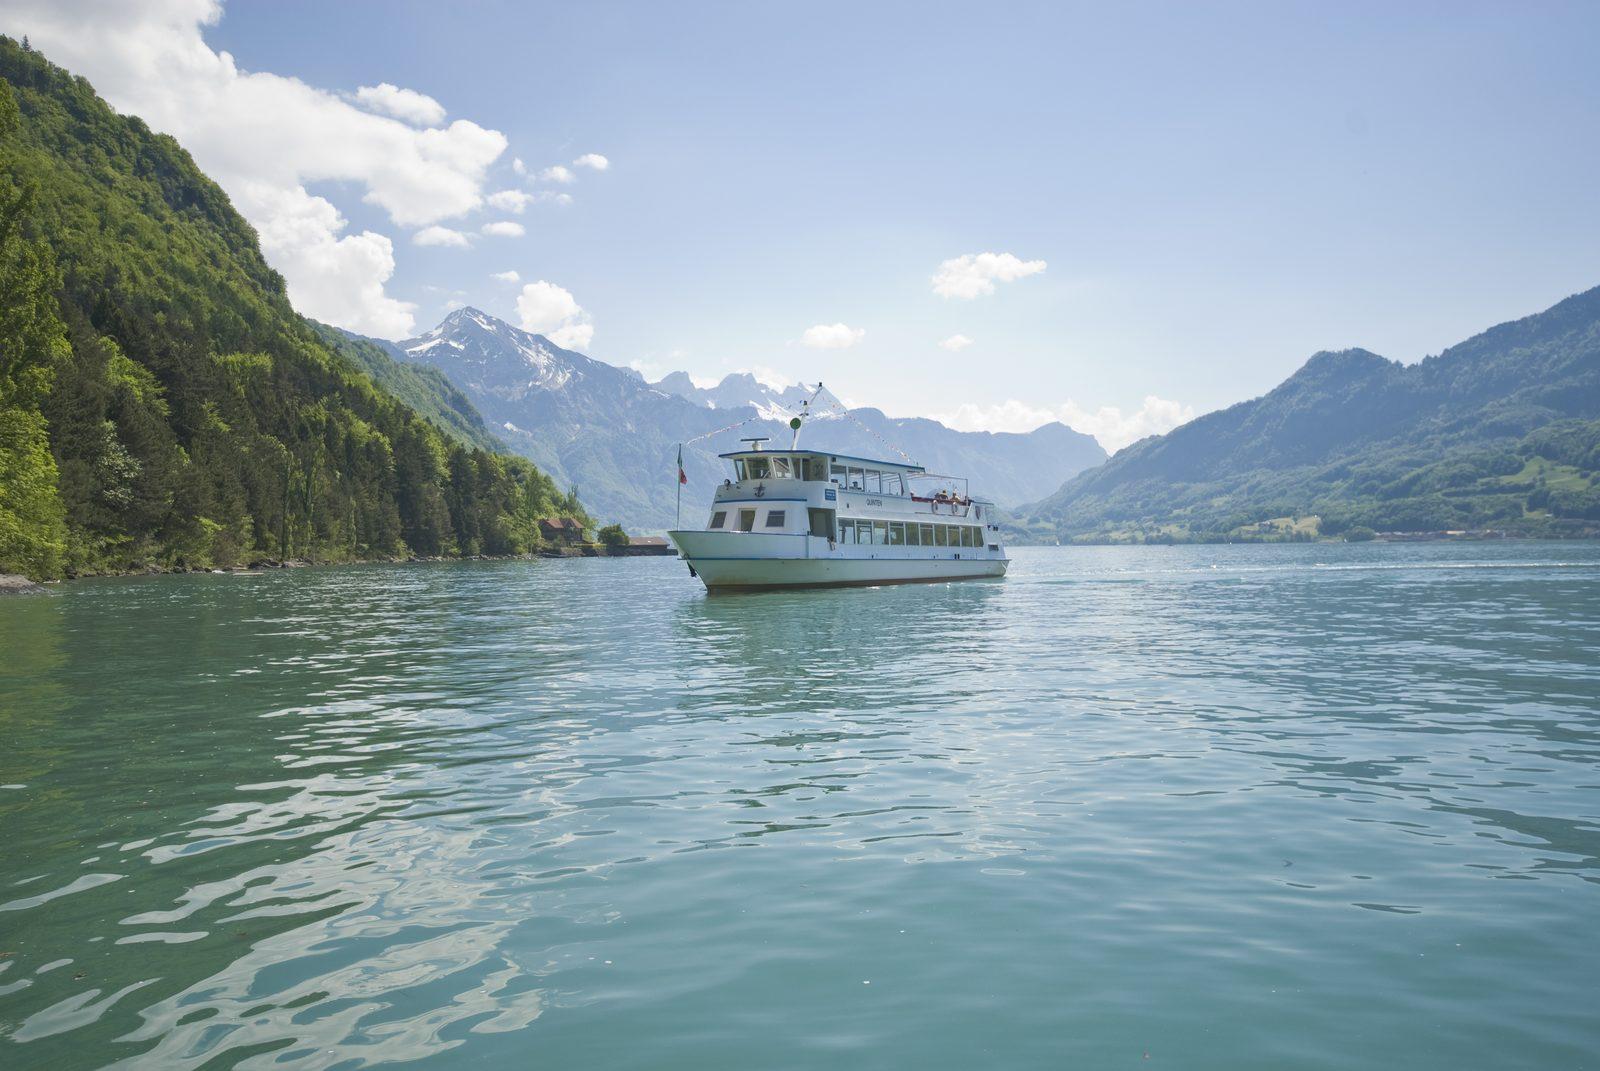 Bootsfahrt auf dem Walensee